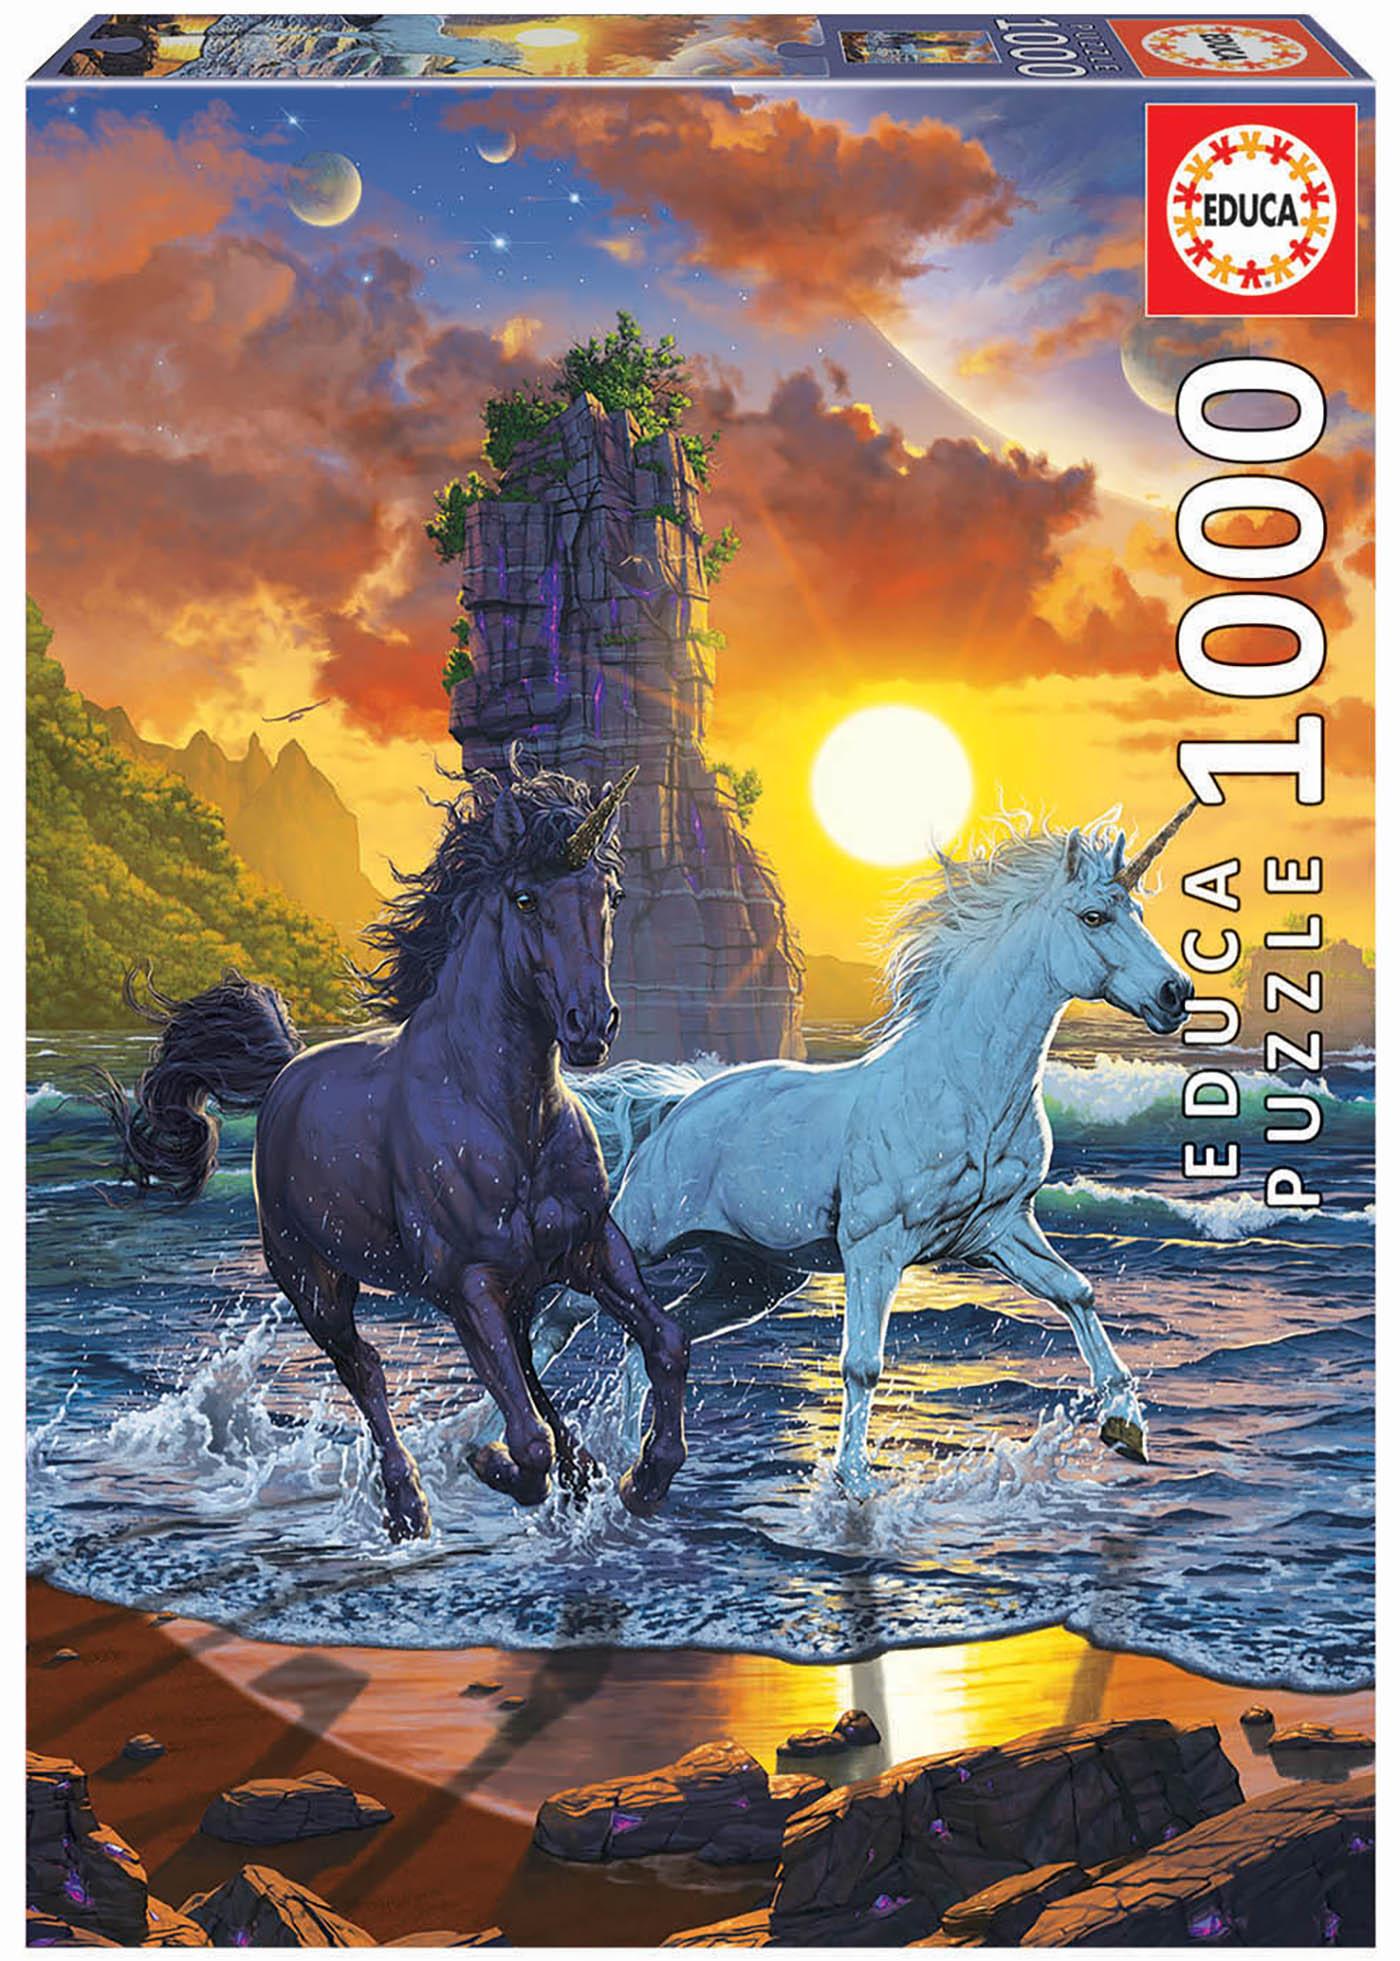 1000 Unicornios en la playa, Vincent Hie